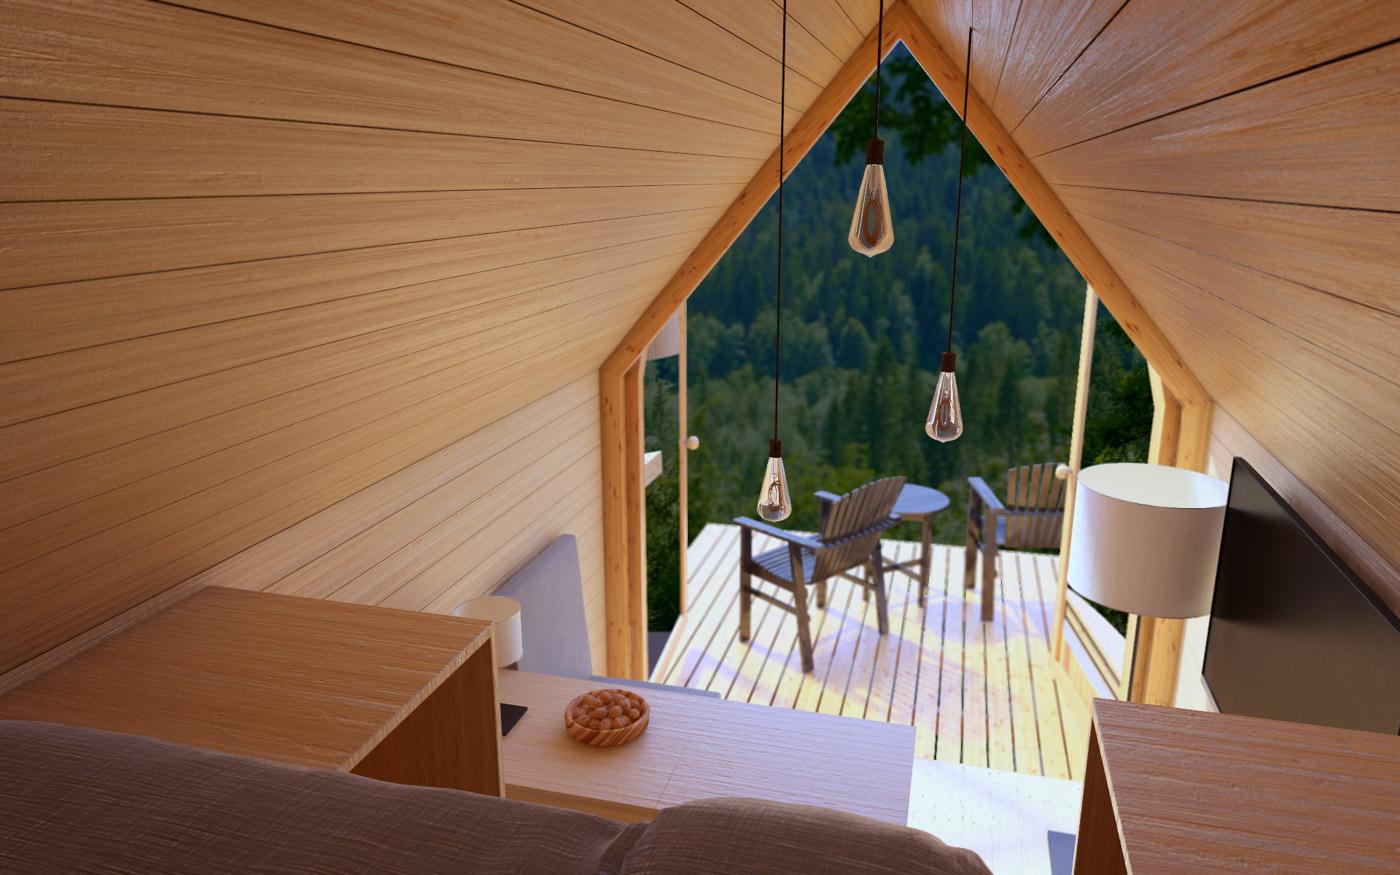 Lighting Cabin Outdoor